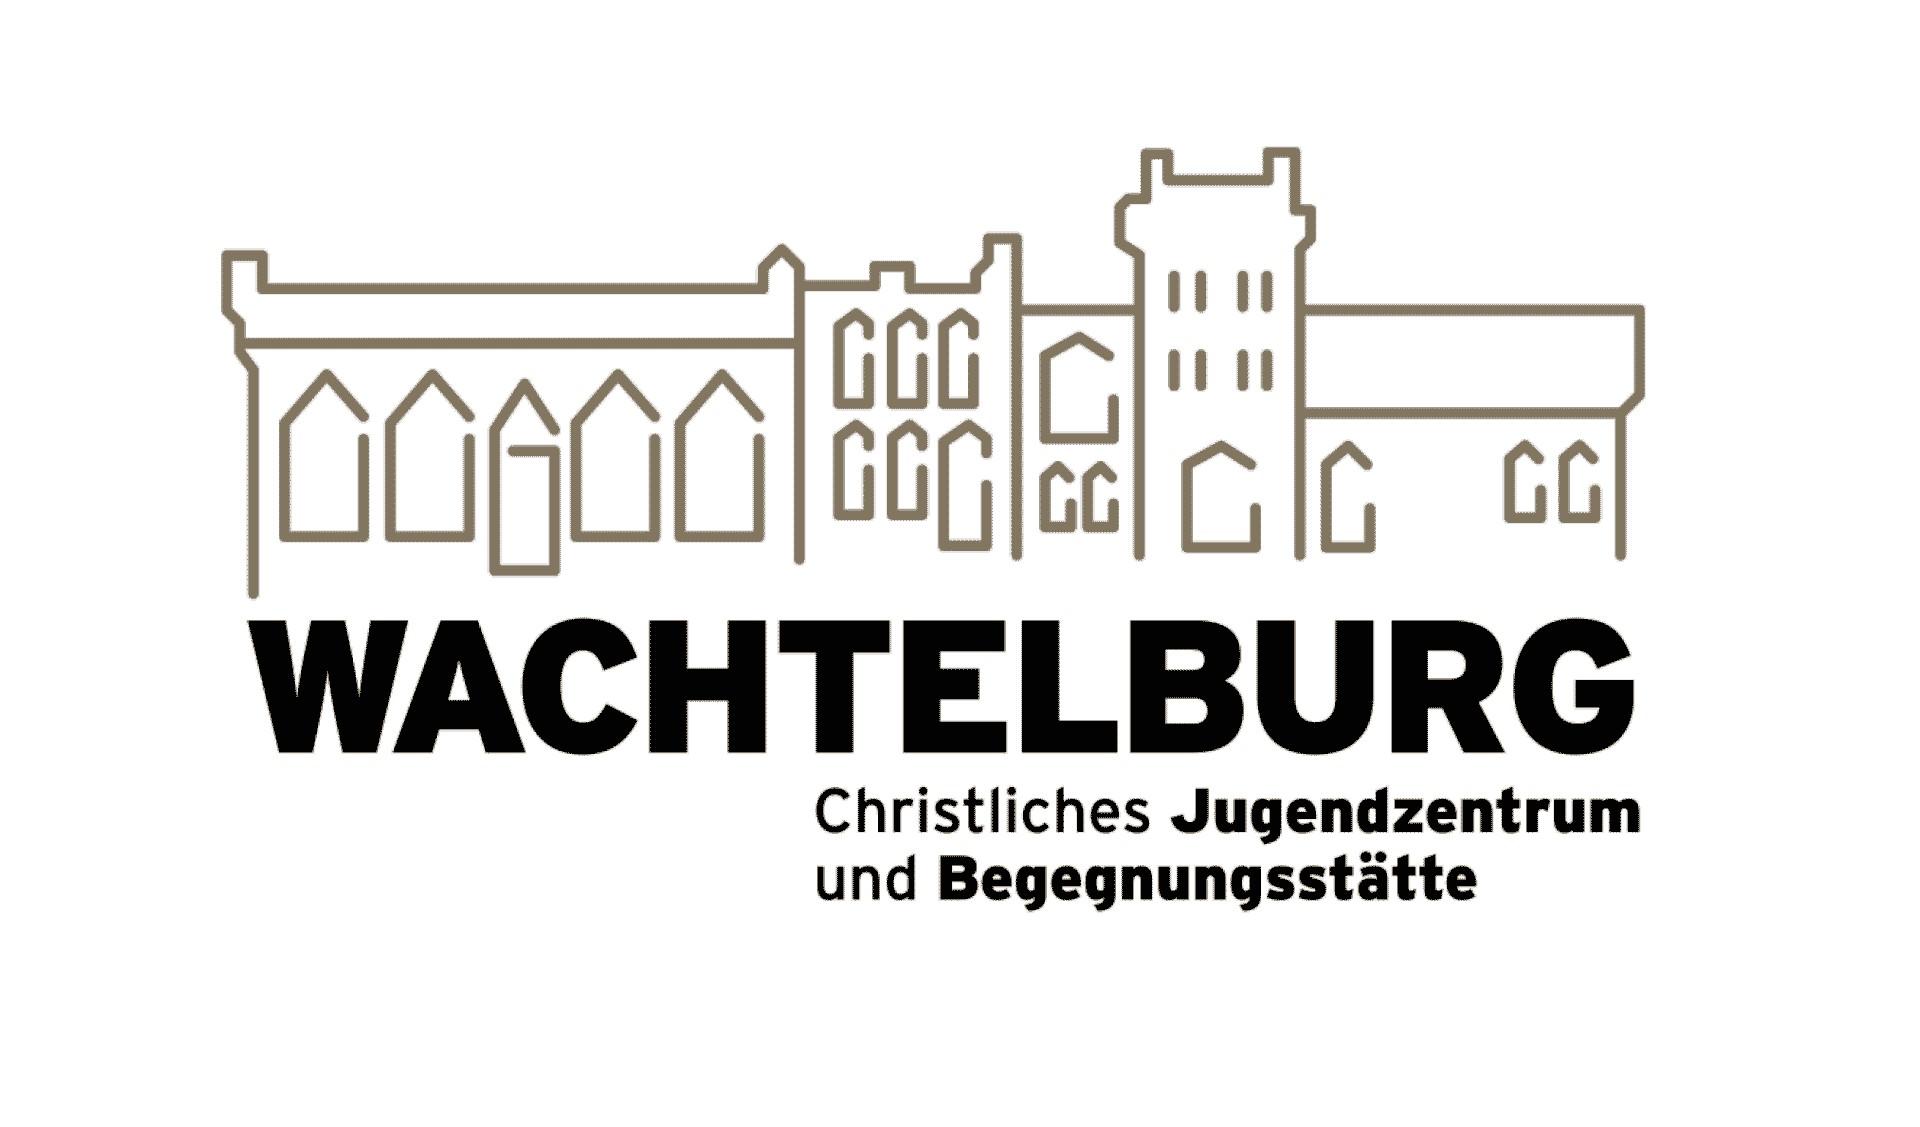 Wachtelburg